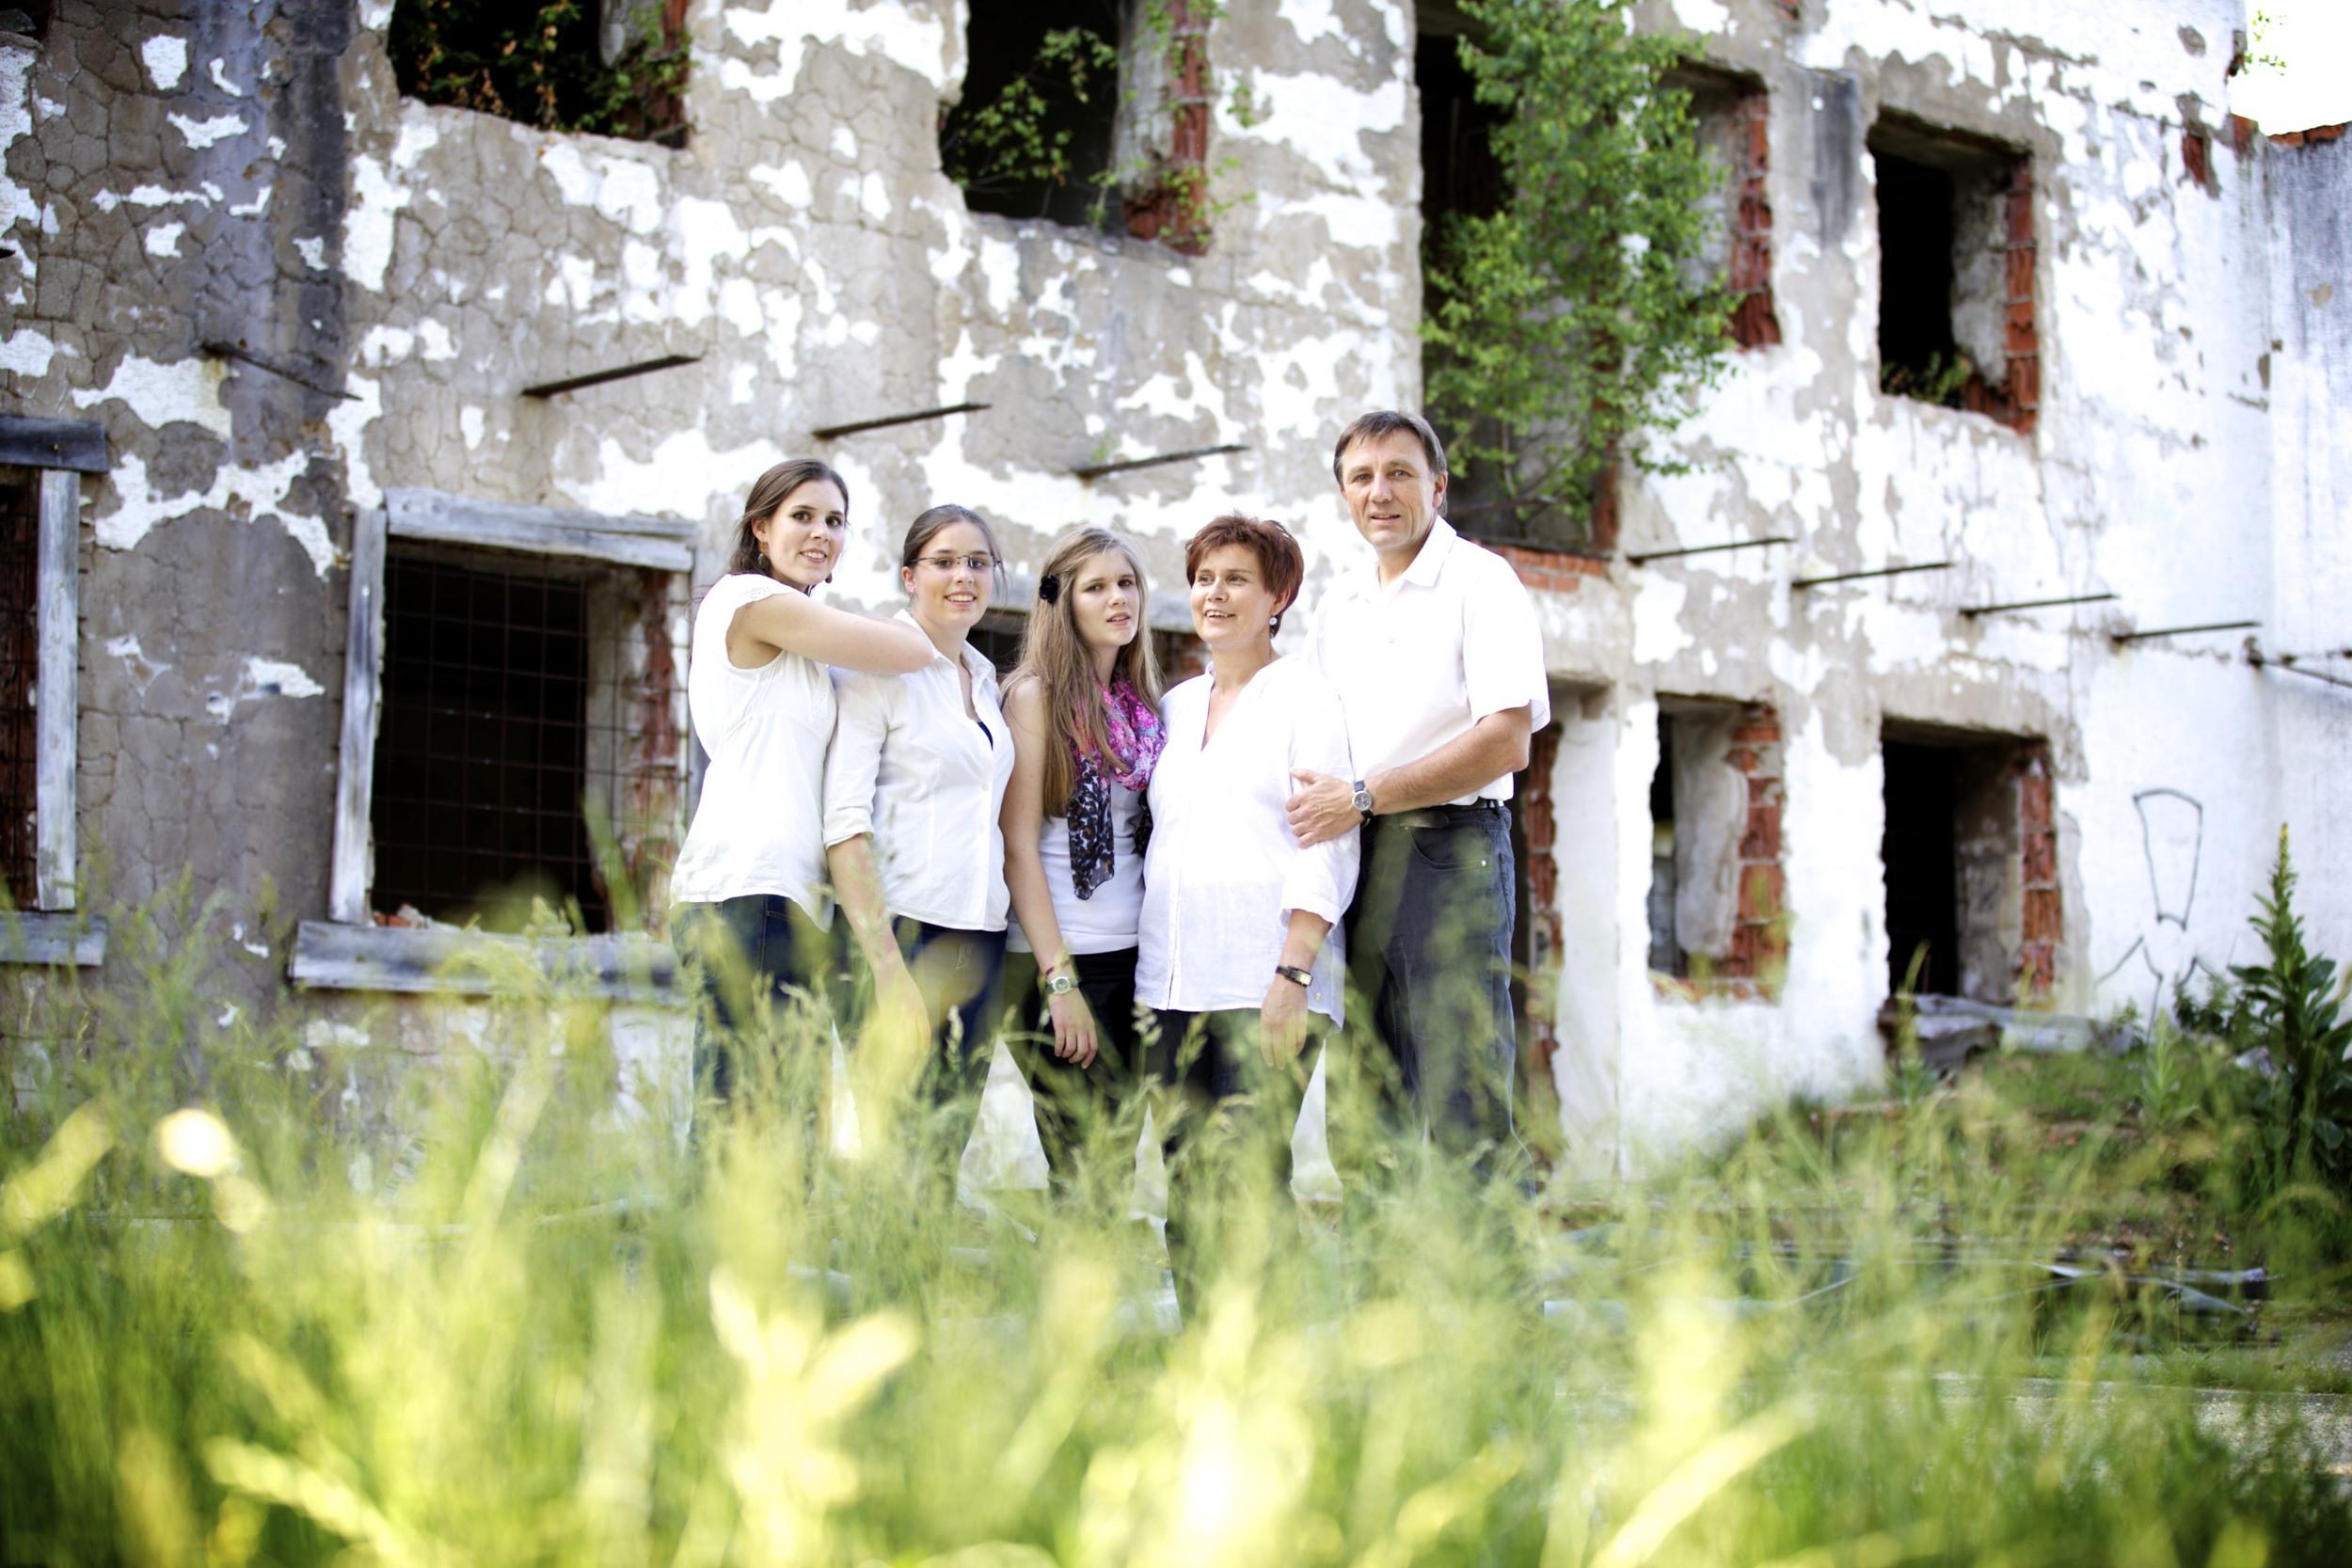 Familienfotos in Landshut